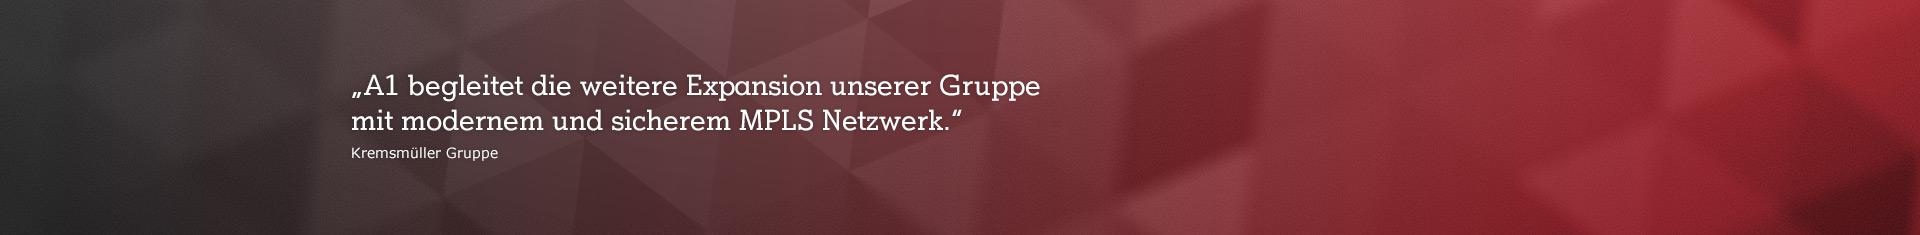 """abstraktes Bild mit Zitat: """"A1 begleitet die weitere Expansion unserer Gruppe mit modernem und sicherem MPLS Netzwerk."""""""